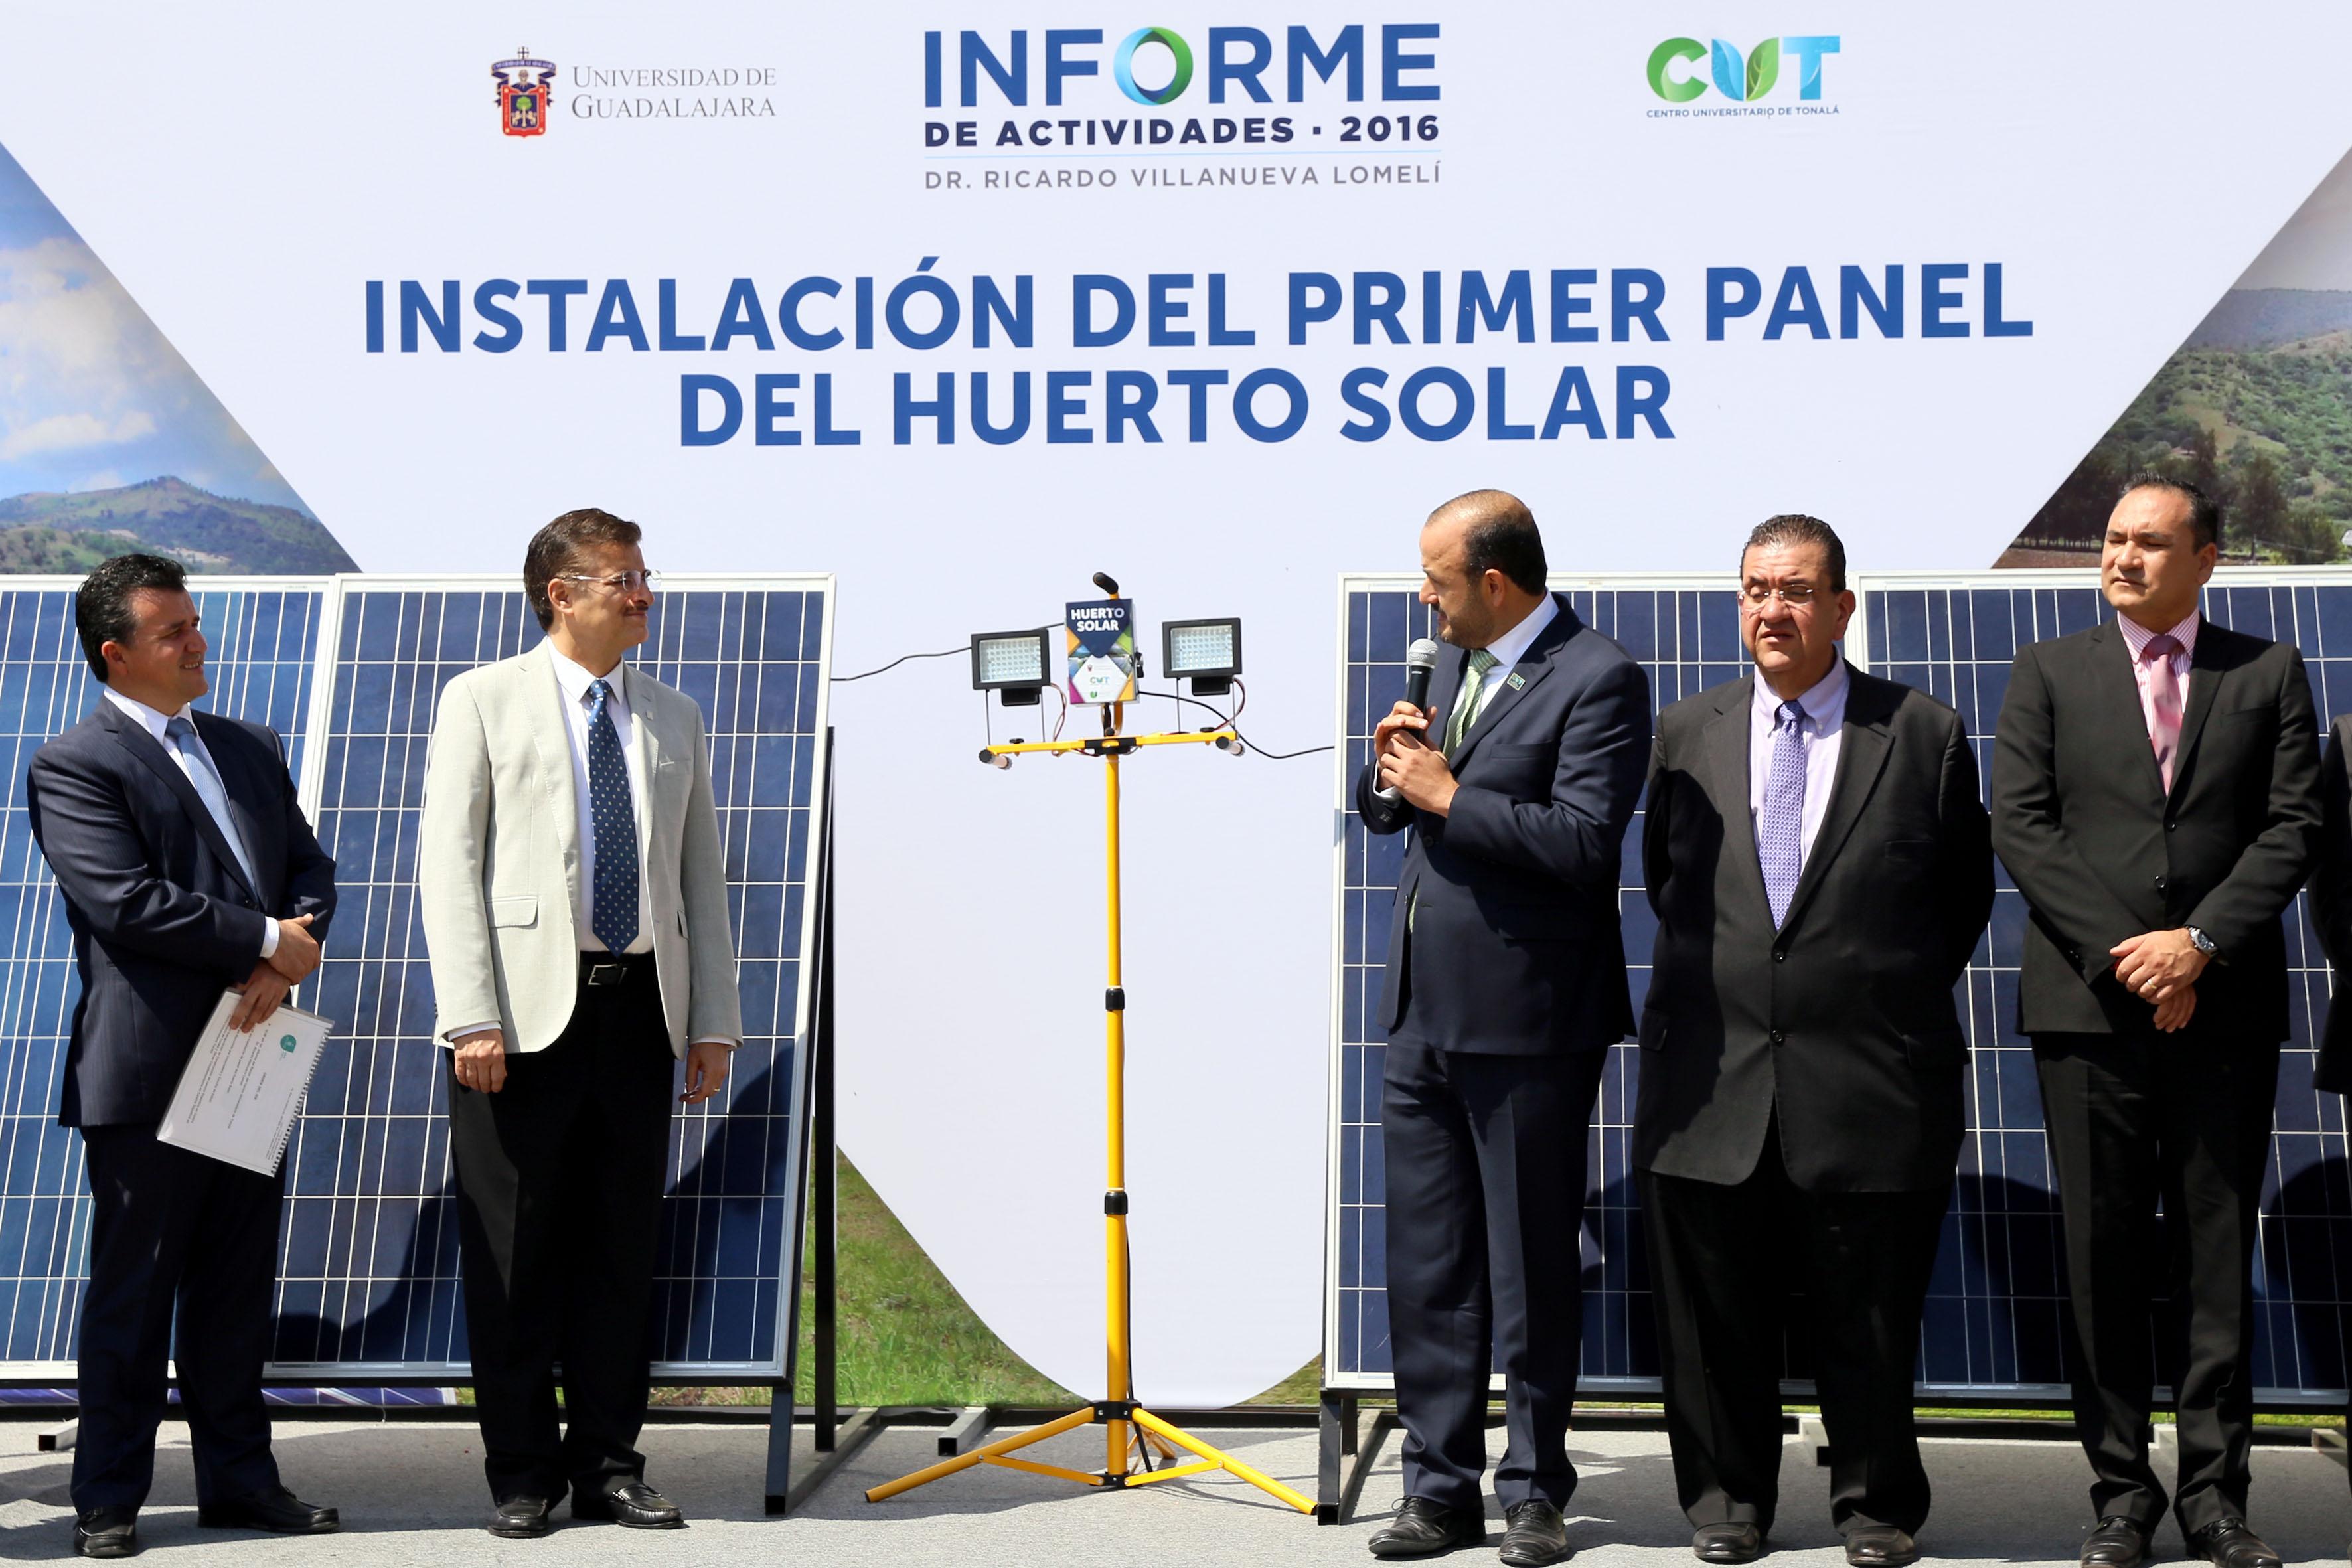 Rector General de la UdeG, maestro Itzcóatl Tonatiuh Bravo Padilla y Rector Ricardo Villanueva Lomelí inaugurando el primer huerto solar de la Red Universitaria